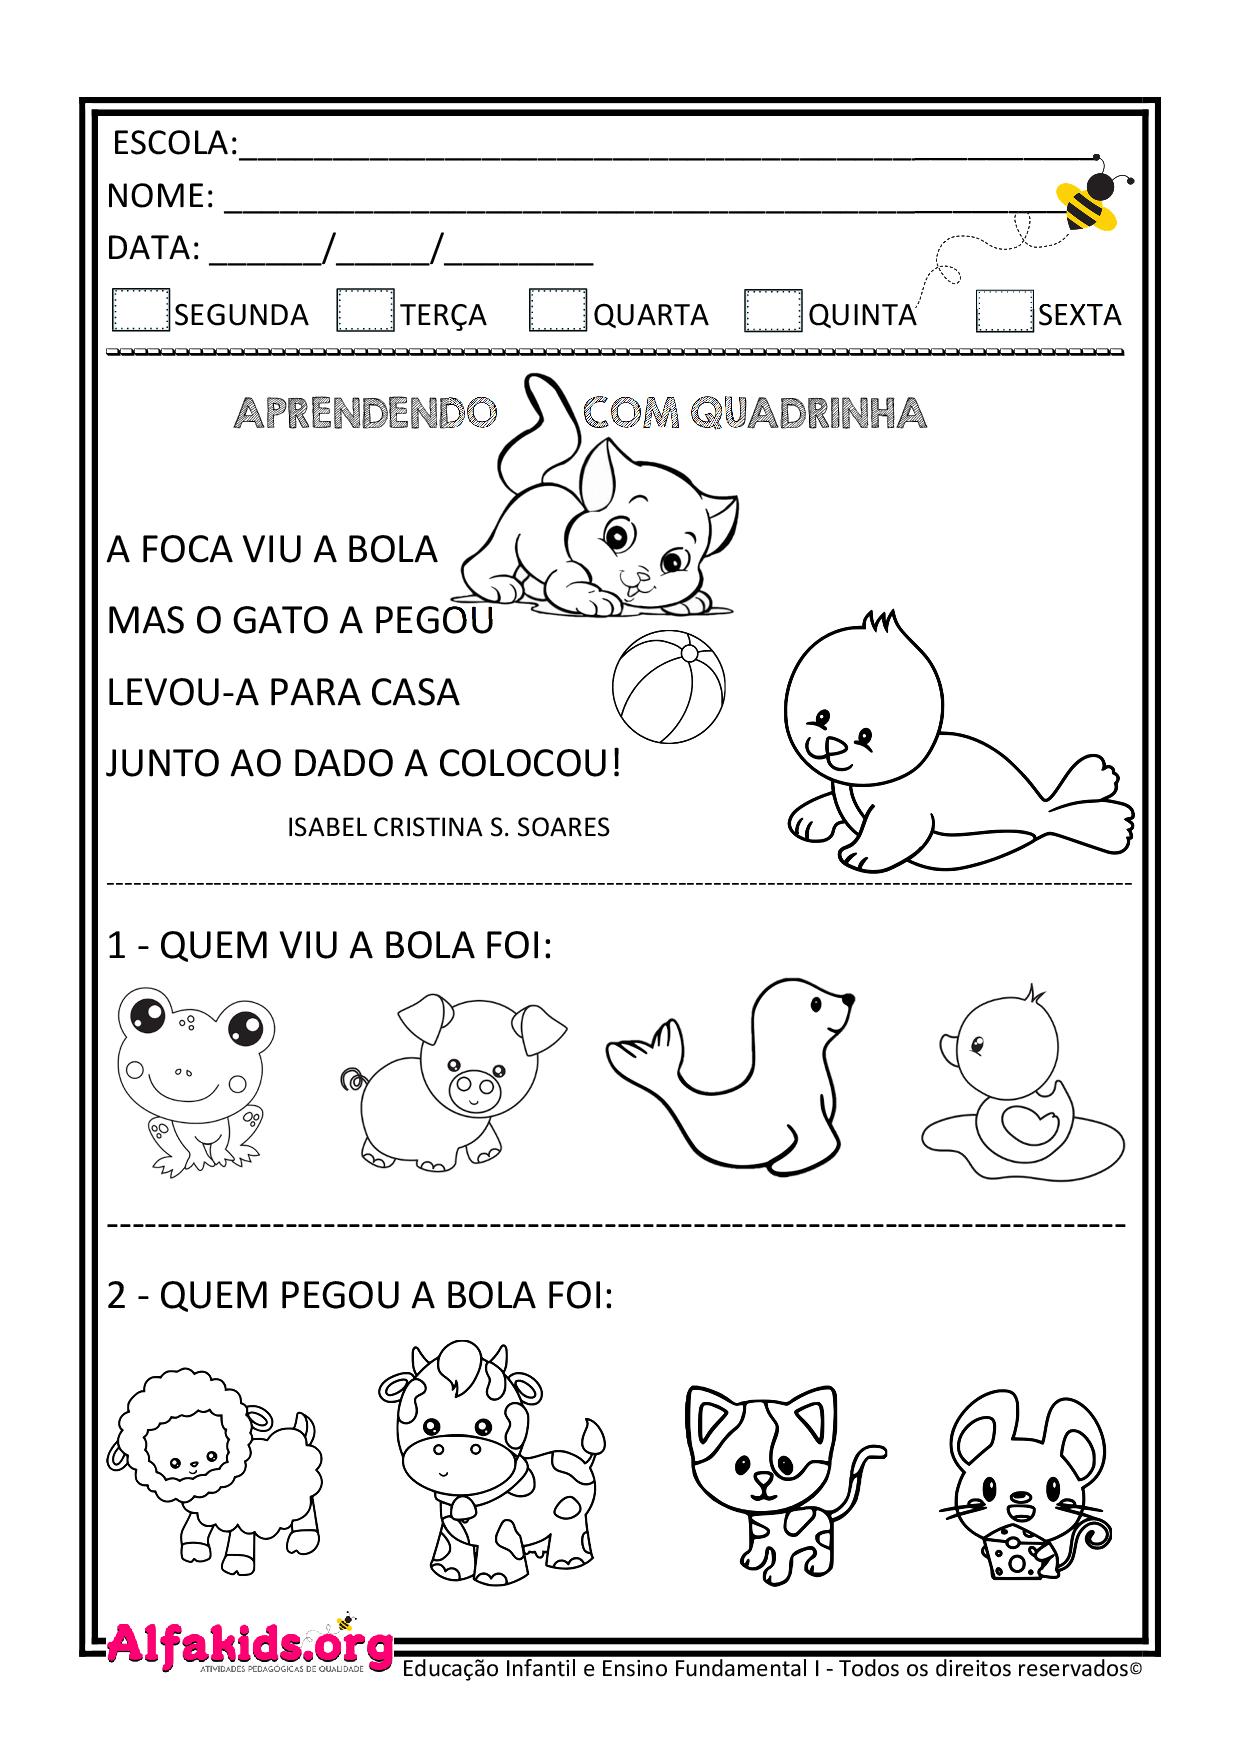 Atividades Educativas de Alfabetização: Quadrinha, interpretação e caça-palavras - Alfakids.org